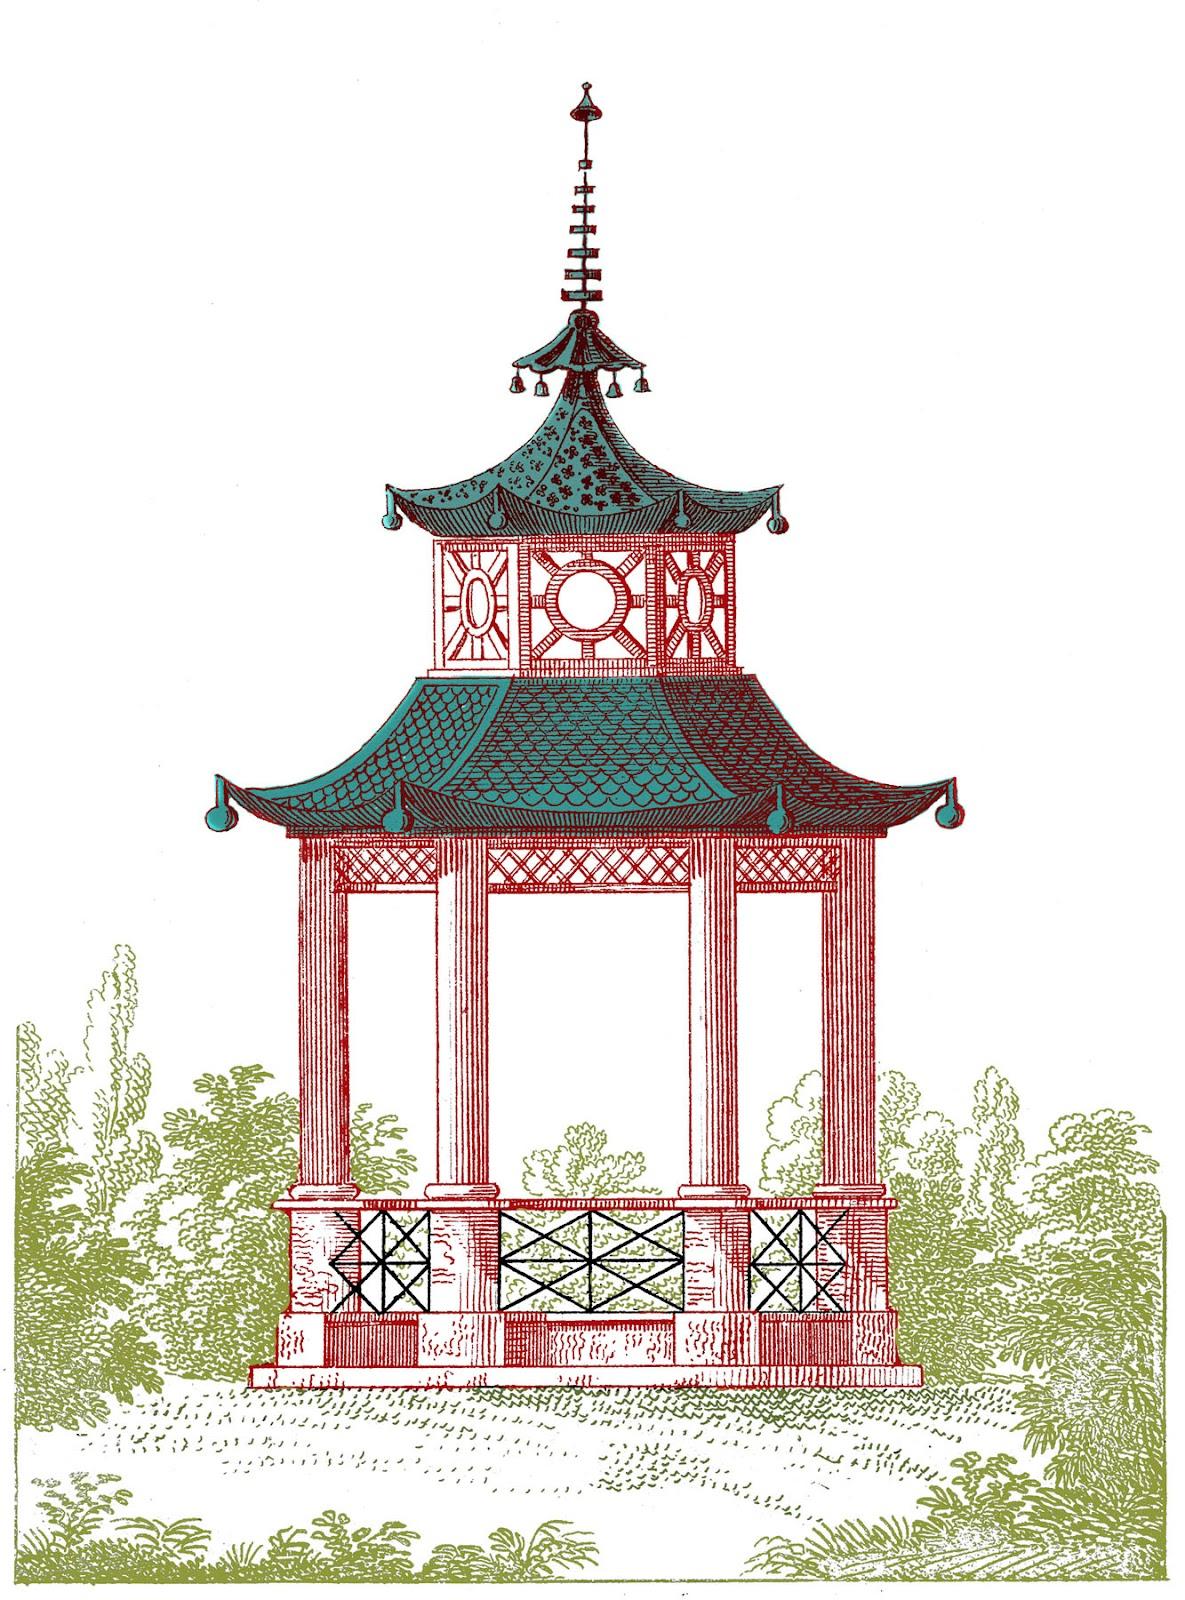 Juana's Pagodas & Sailors' Grill